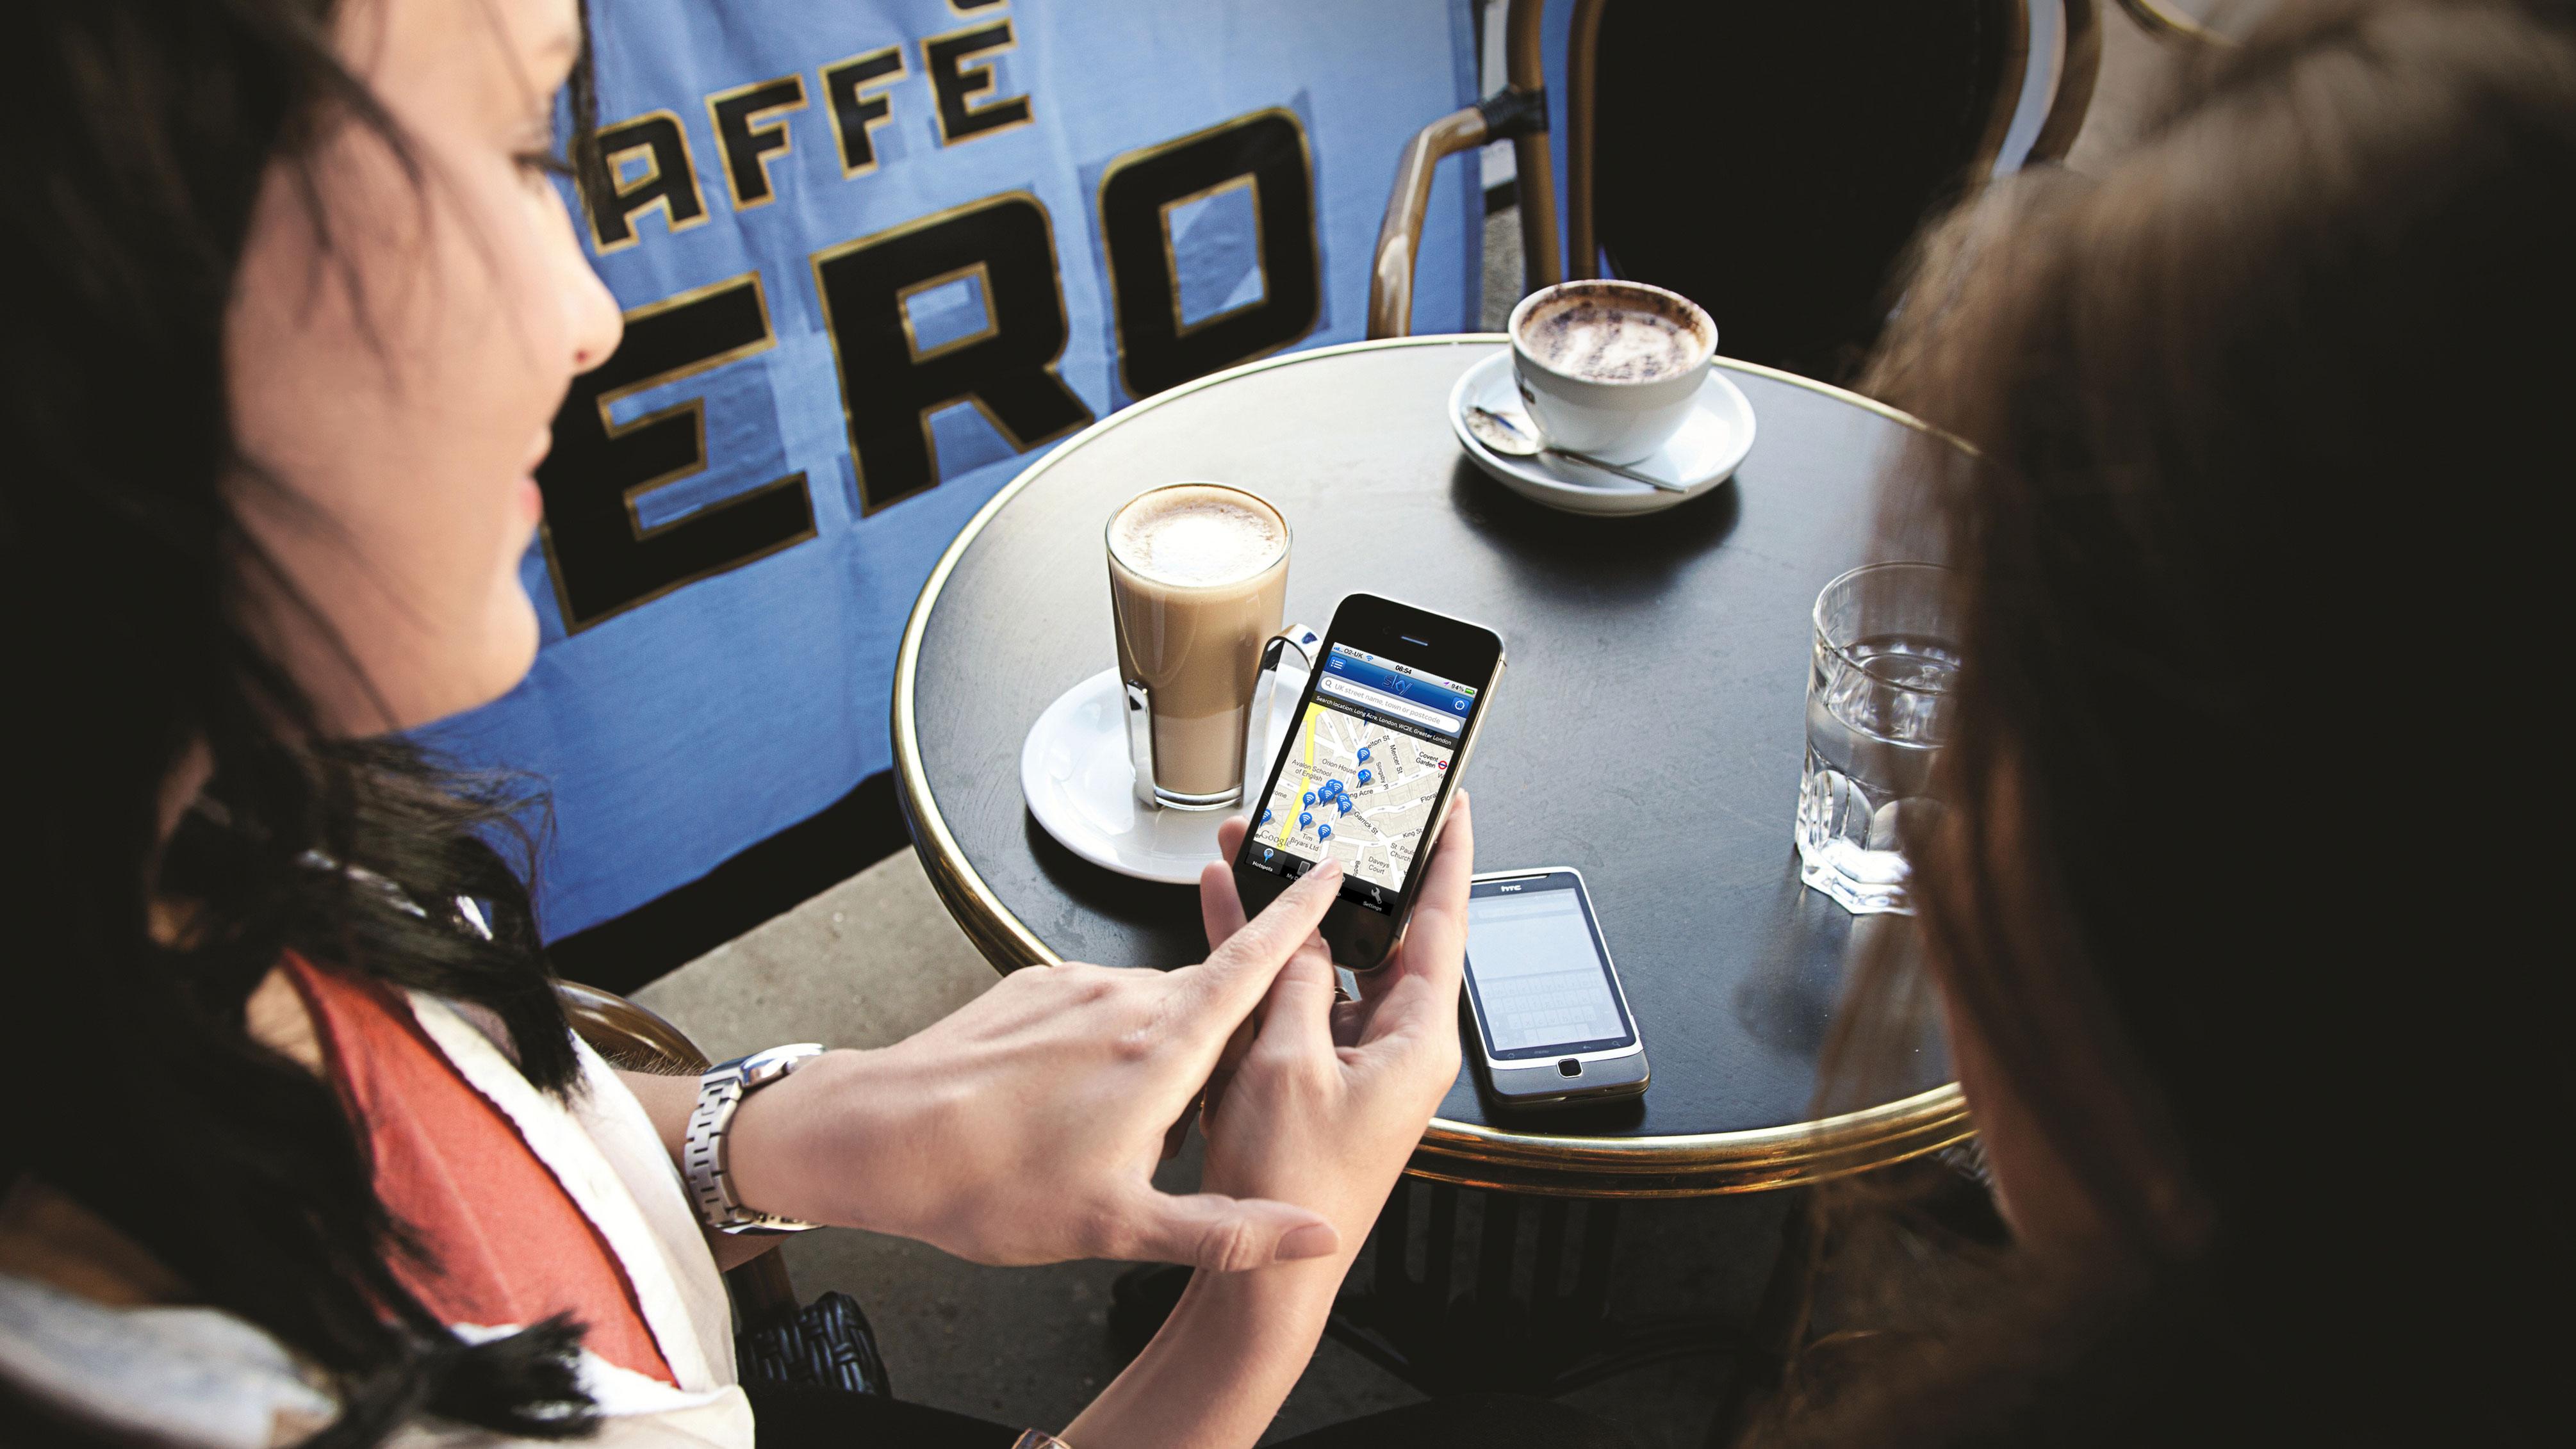 Google voice search arrives on iOS to take on Siri | TechRadar